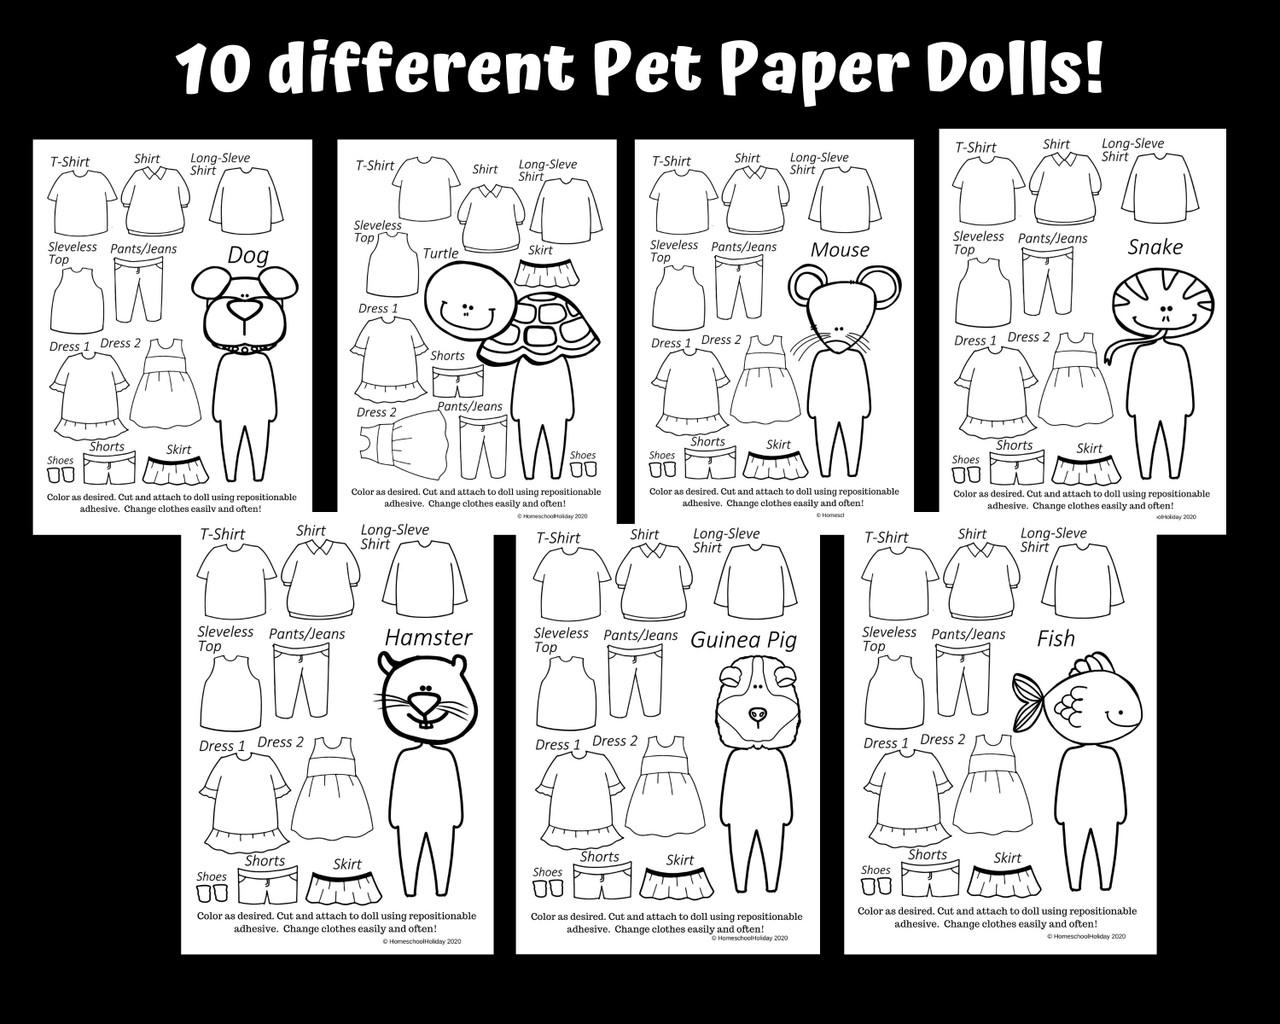 Pet Paper Dolls - Dress Up Your Pet Day